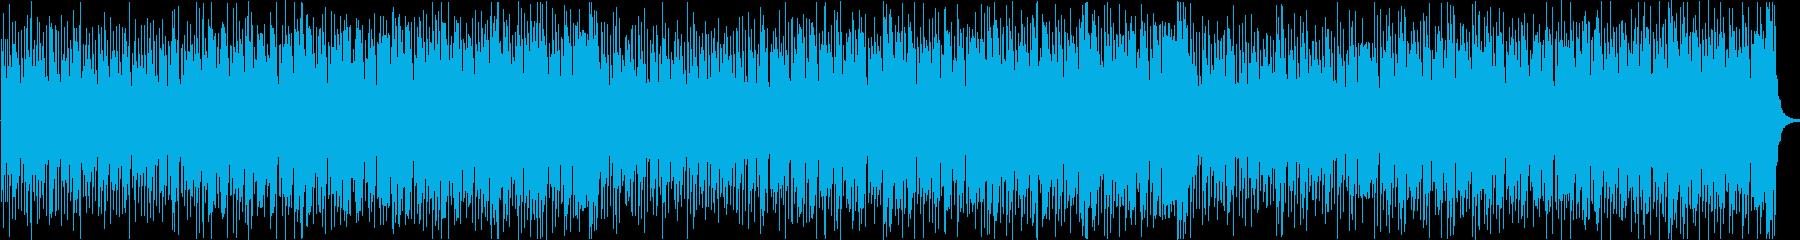 軽快爽やか楽しい夏ハワイレゲエラテン曲aの再生済みの波形